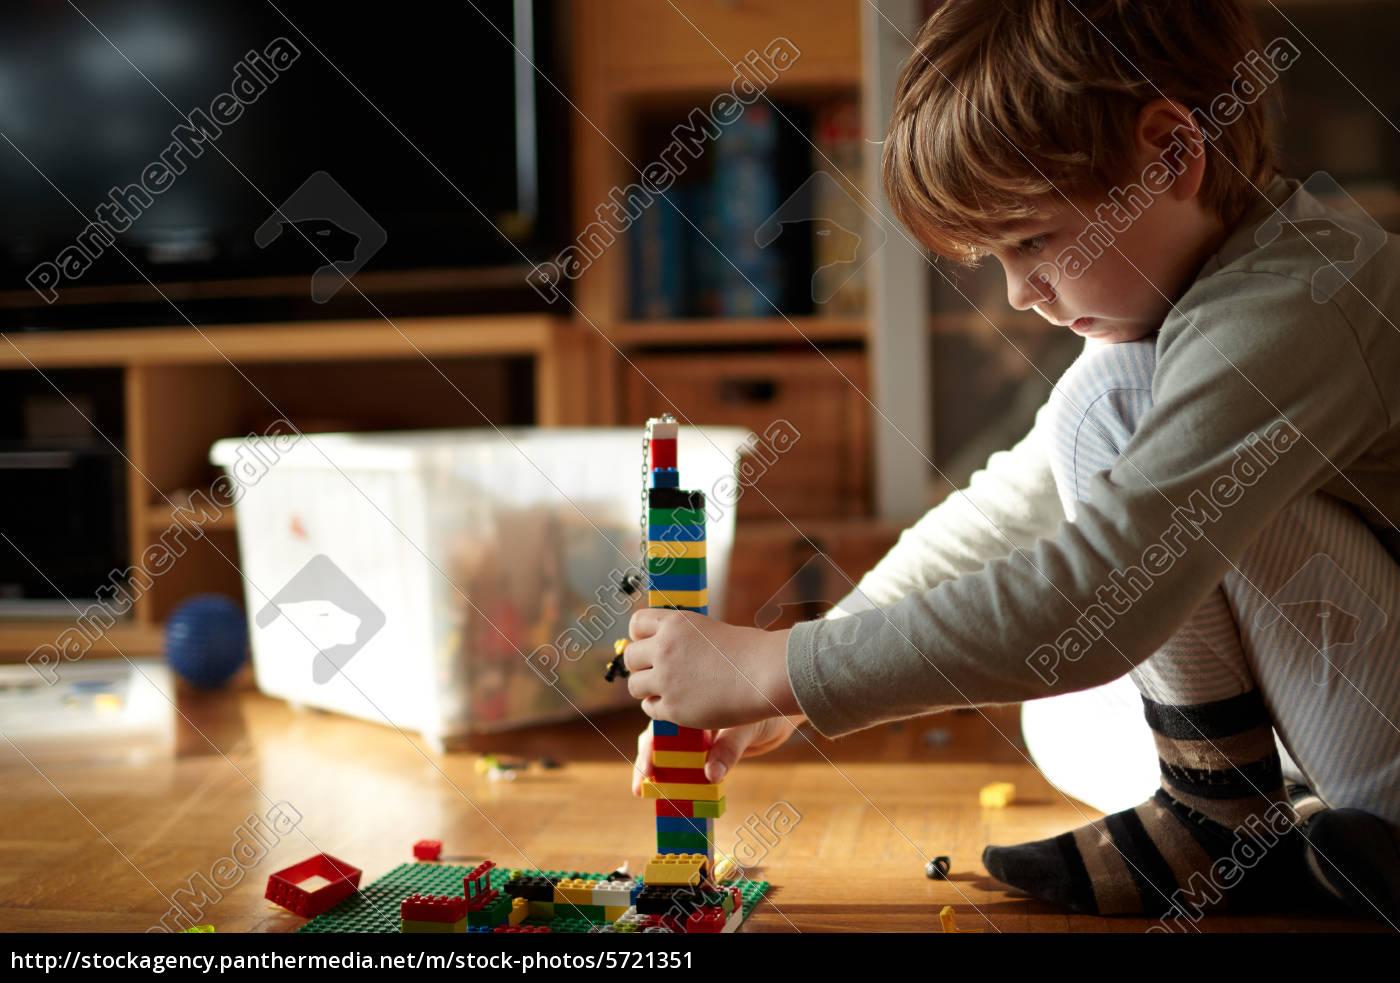 junge, baut, mit, lego, bausteinen - 5721351